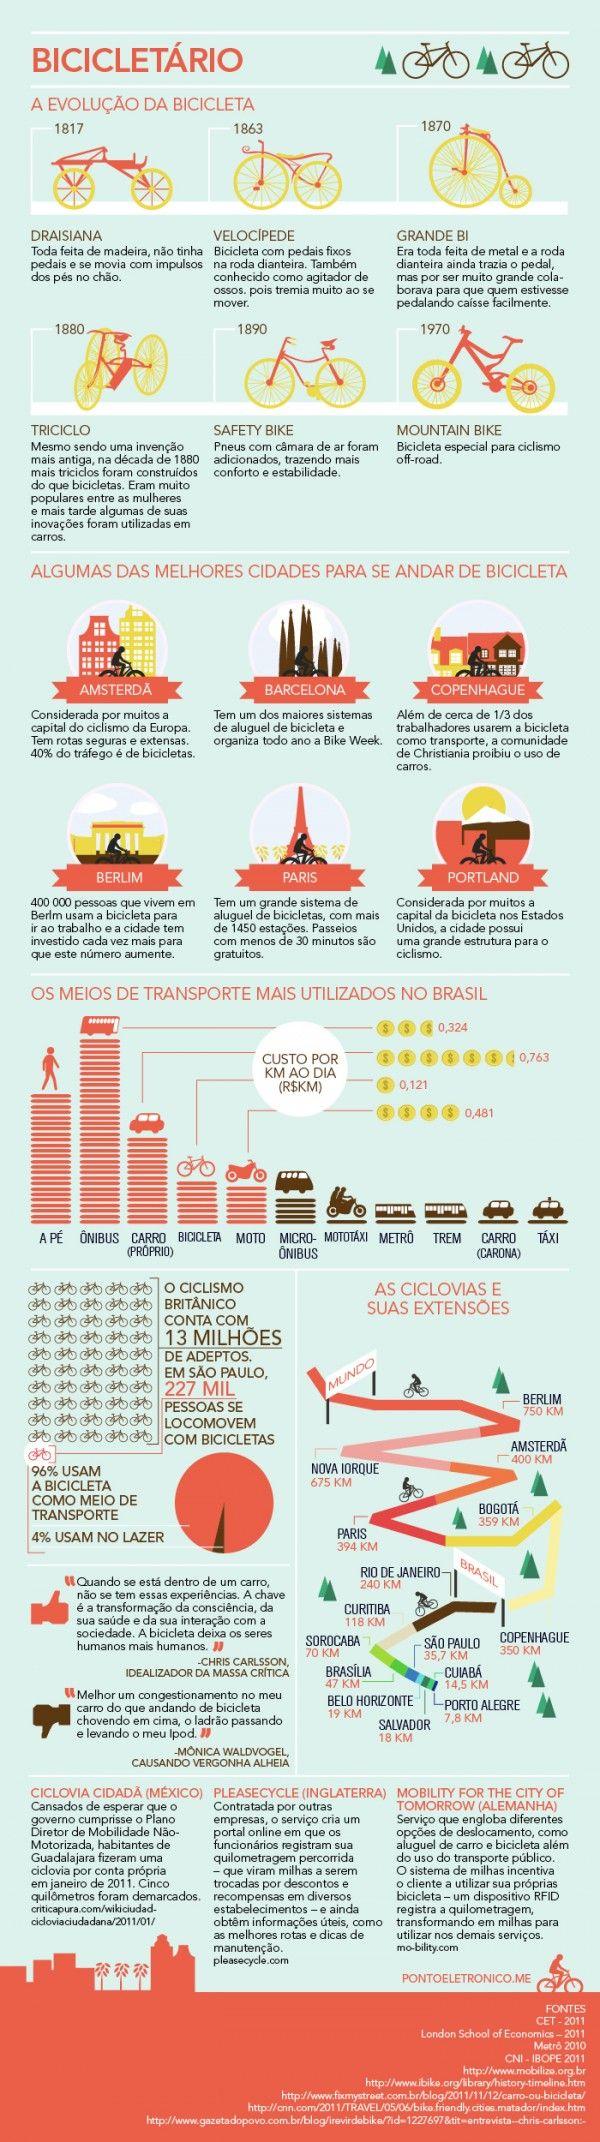 Um infográfico bem bacana, mostrando os dados do uso de bicicleta ao redor do mundo.